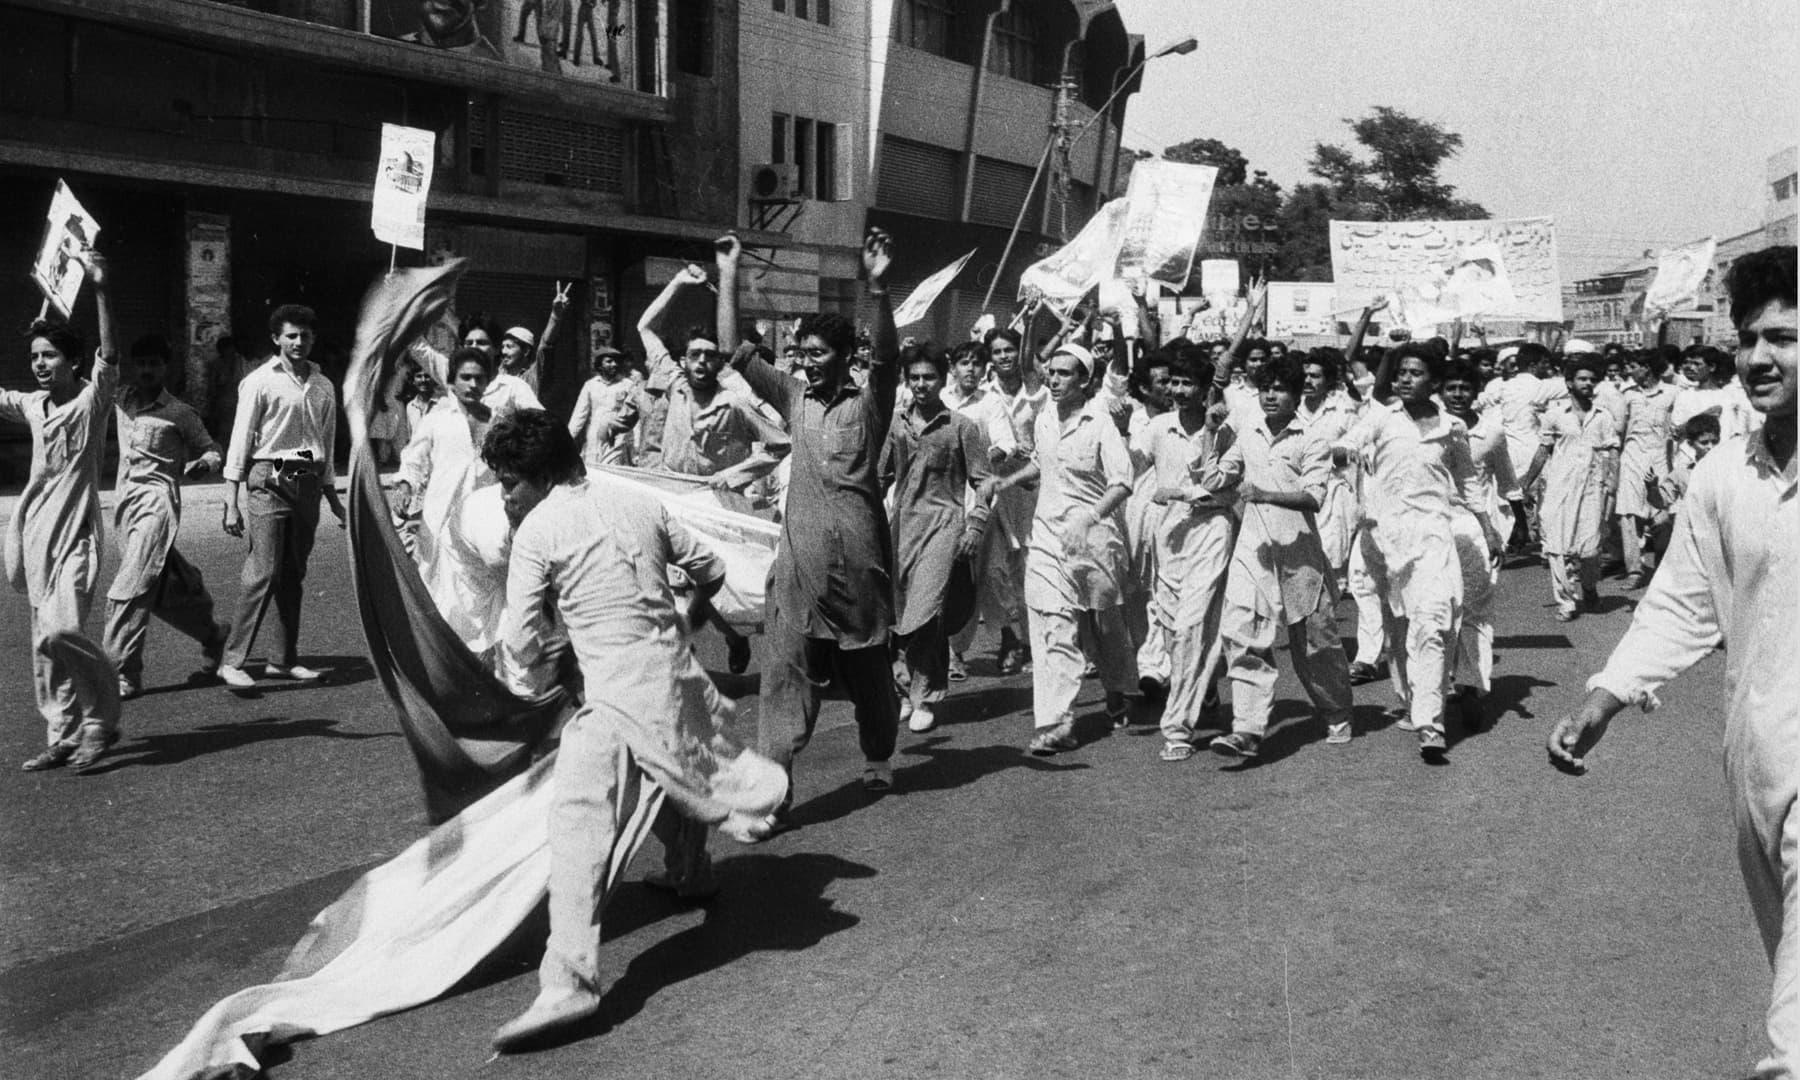 6 جون 1986ء کو مظاہرین القدس ریلی کے موقعے پر فلسطین پر اسرائیلی قبضے کے خلاف احتجاج کے دوران اسرائیل اور امریکا مخالف نعرے بلند کر رہے ہیں— تصویر بشکریہ سینئر فوٹوجرنلسٹ زاہد حسین